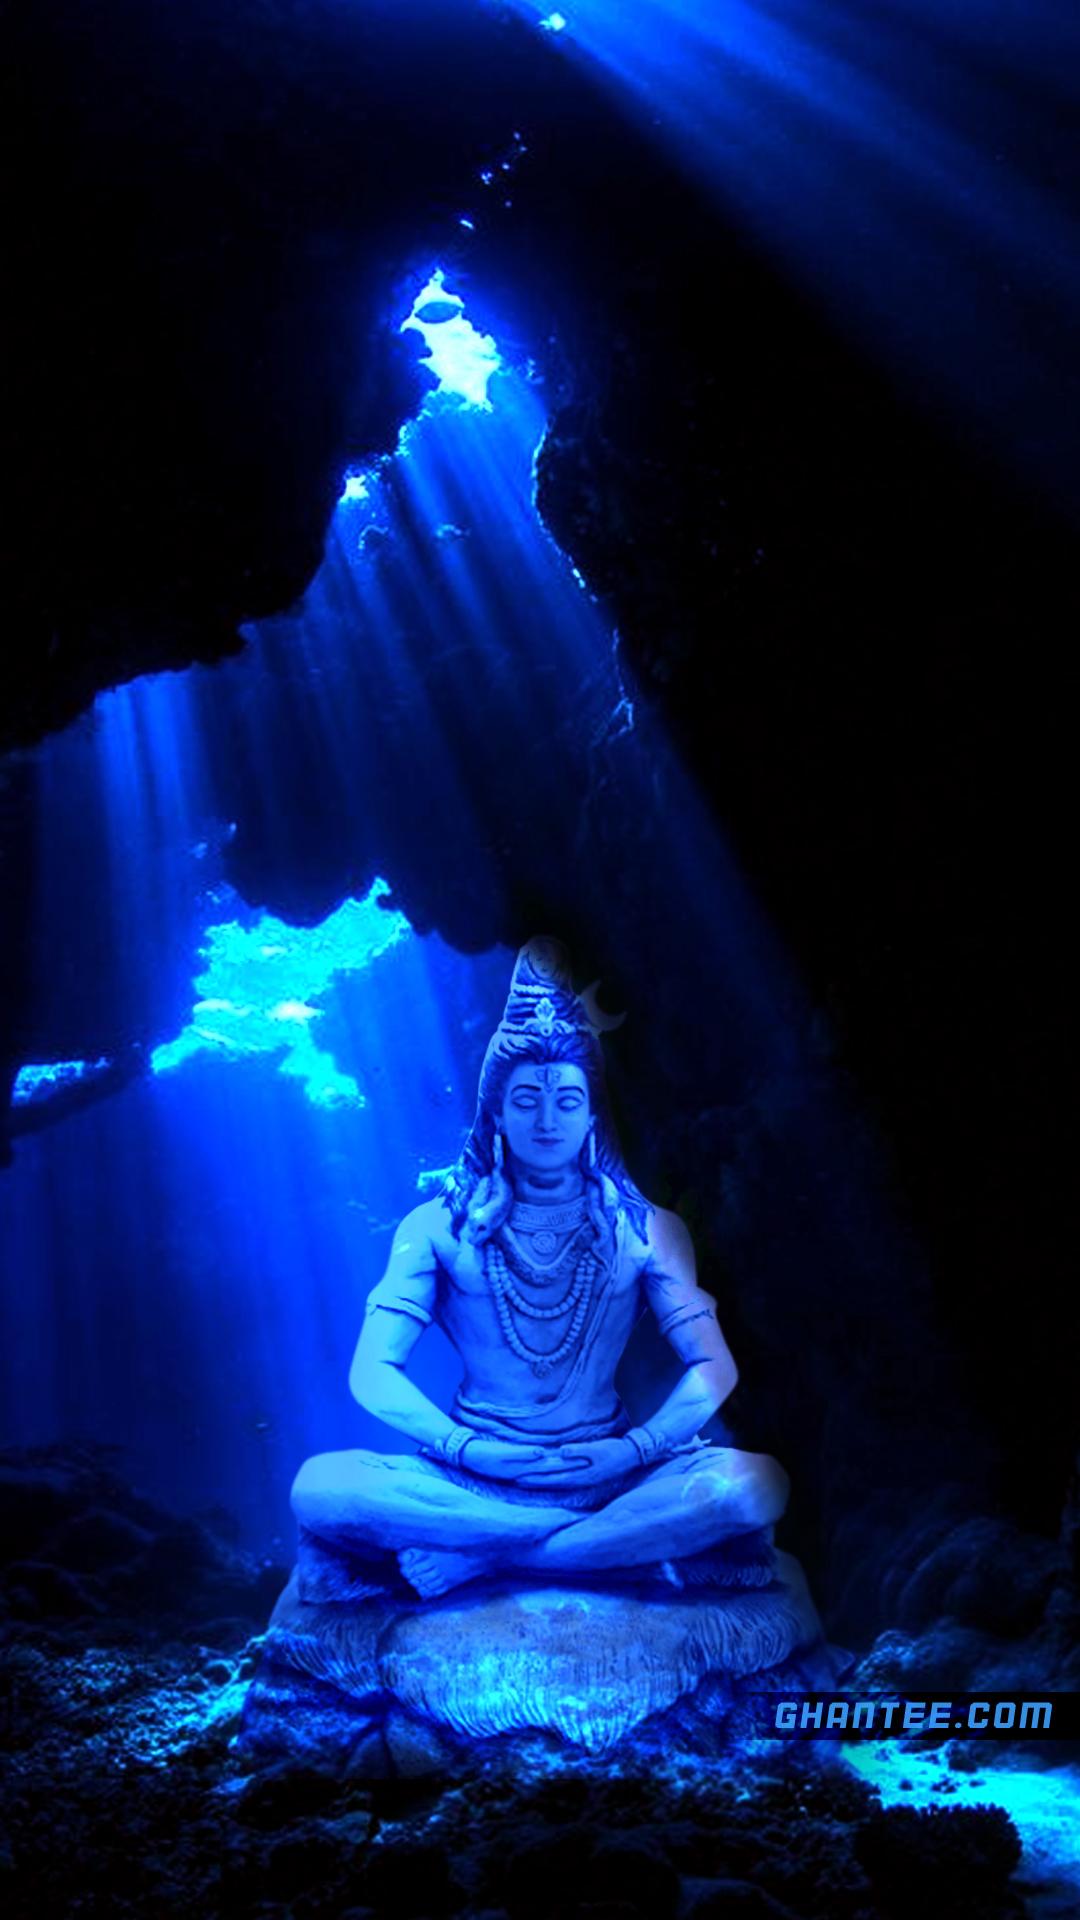 shiva wallpaper hd underwater